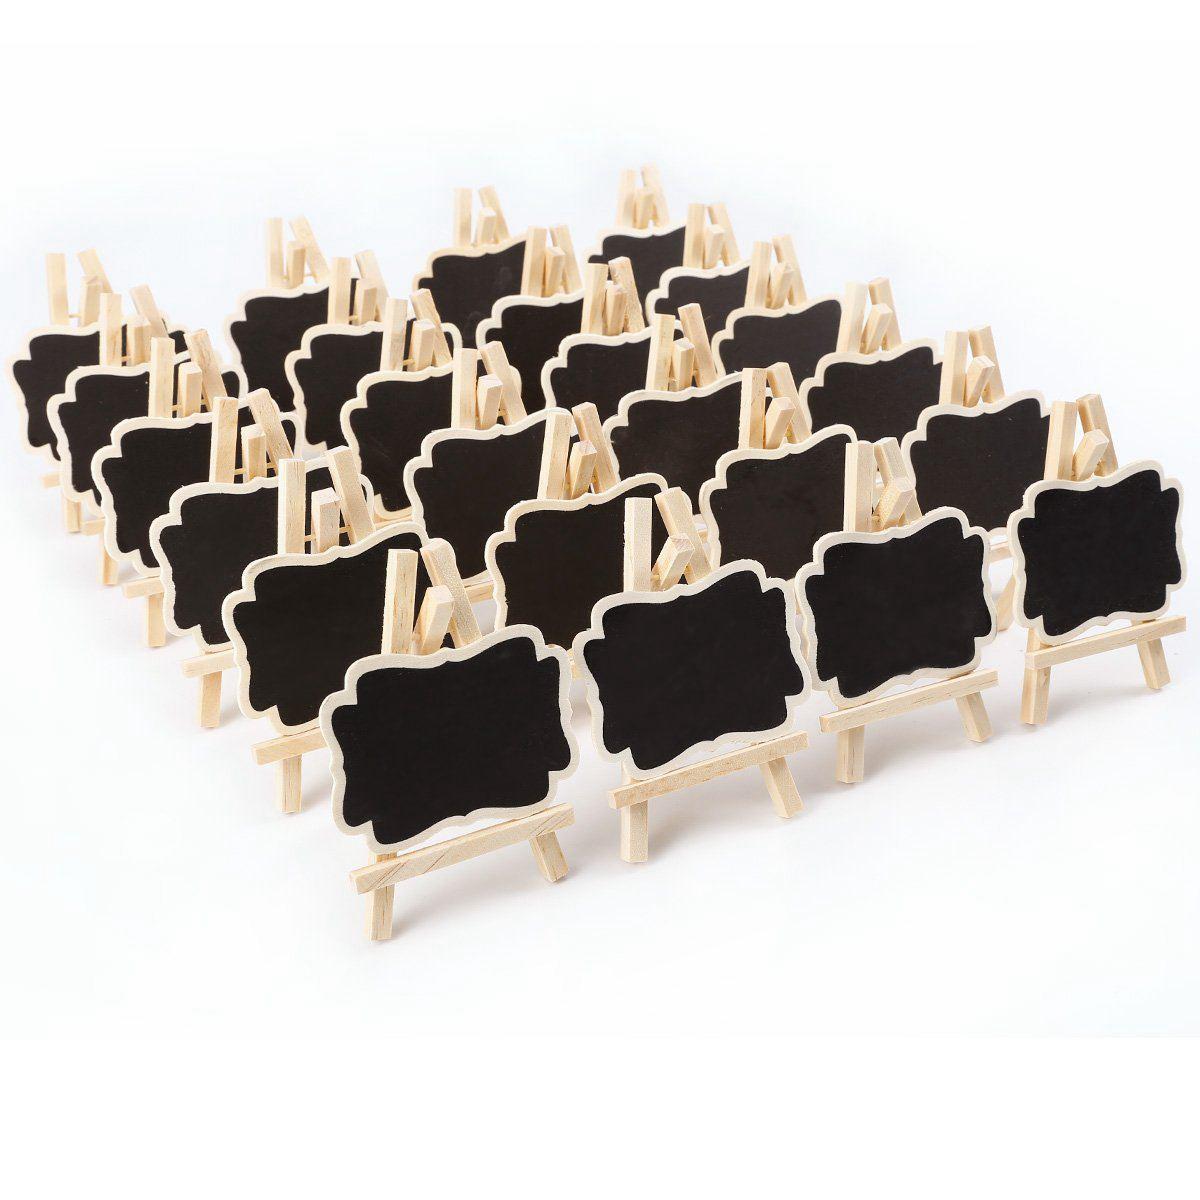 Mode Stijl Jfbl Hot 24 Stks Mini Houten Blackboard Bericht Rechthoekige Slate Board Kaarten Memo Label Tekenen Prijs Digit Tafel